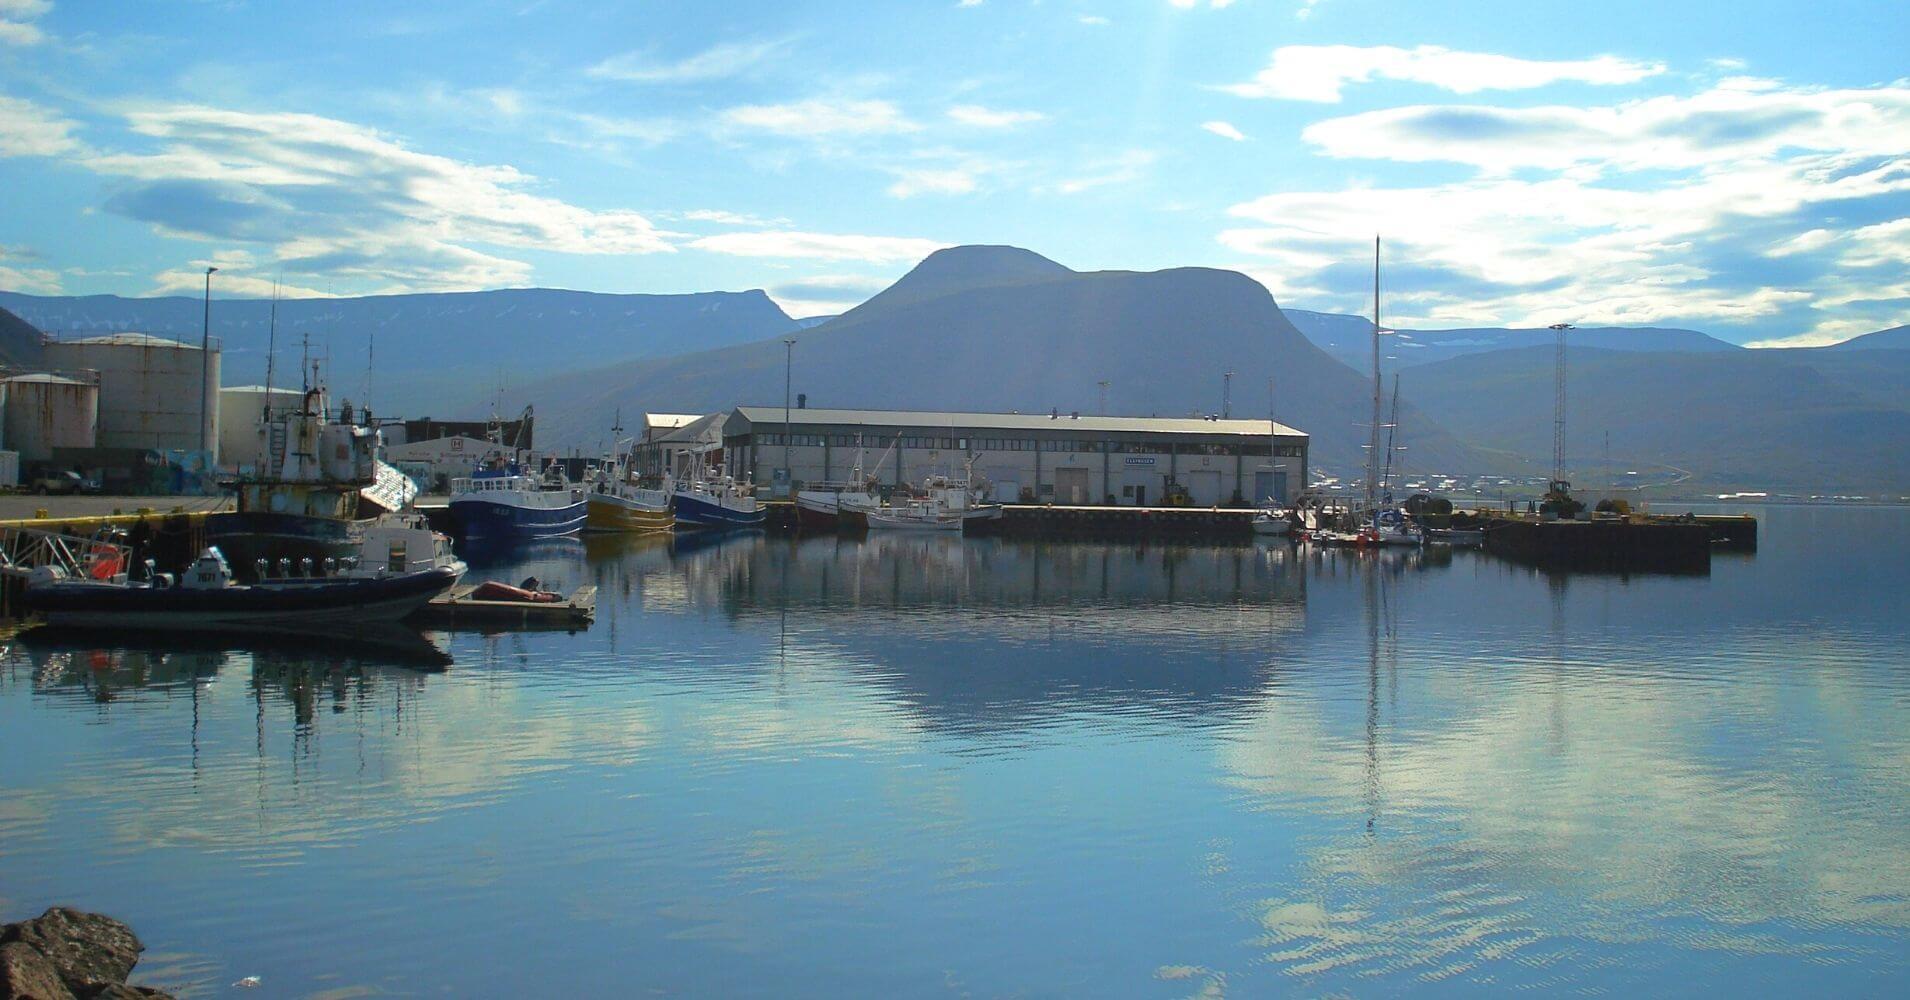 Ísafjörður. Península de Vestfirdir. Islandia.